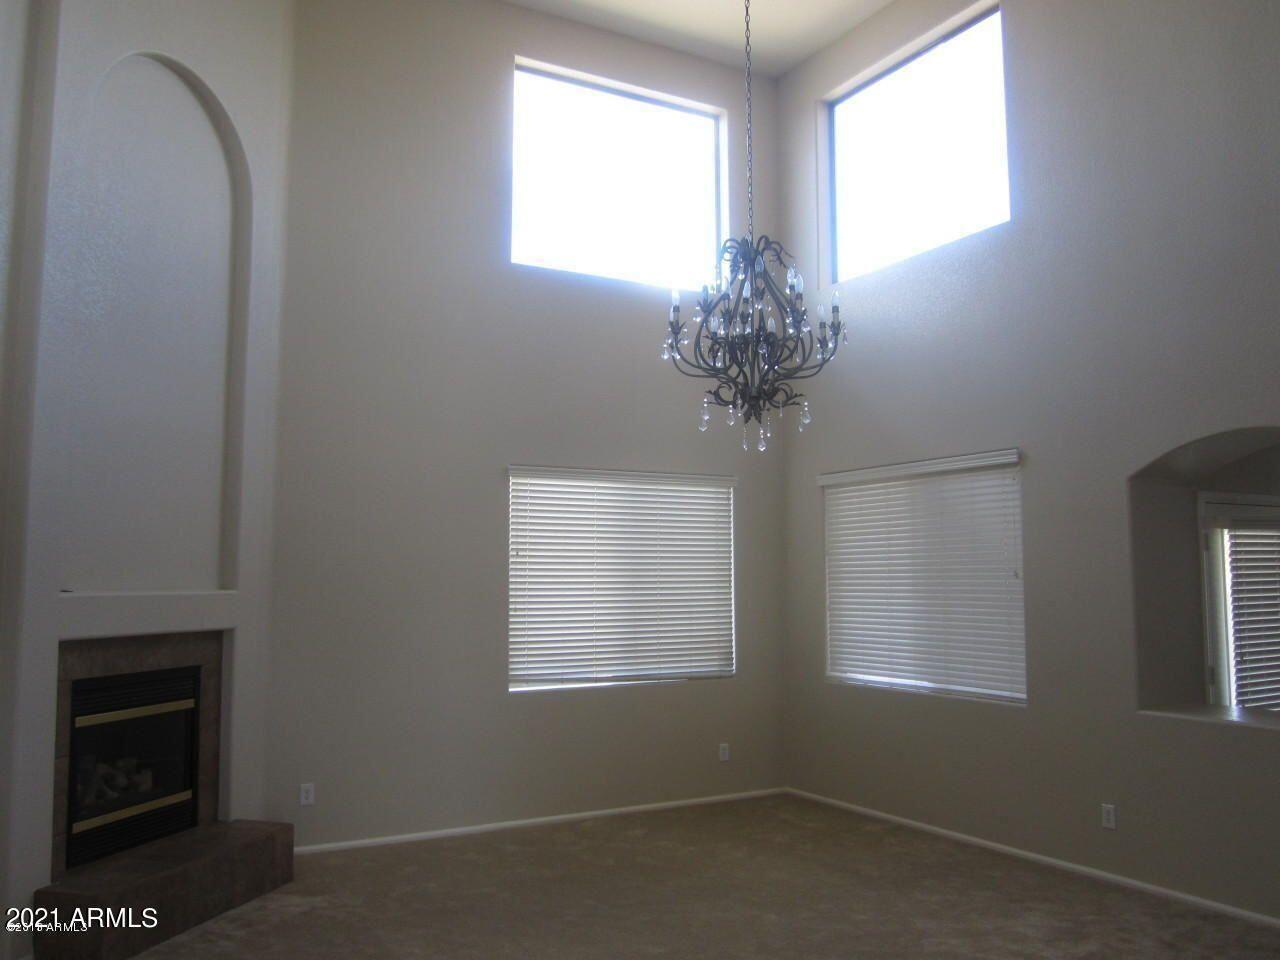 Photo of 4524 W MAGDALENA Lane, Laveen, AZ 85339 (MLS # 6304010)